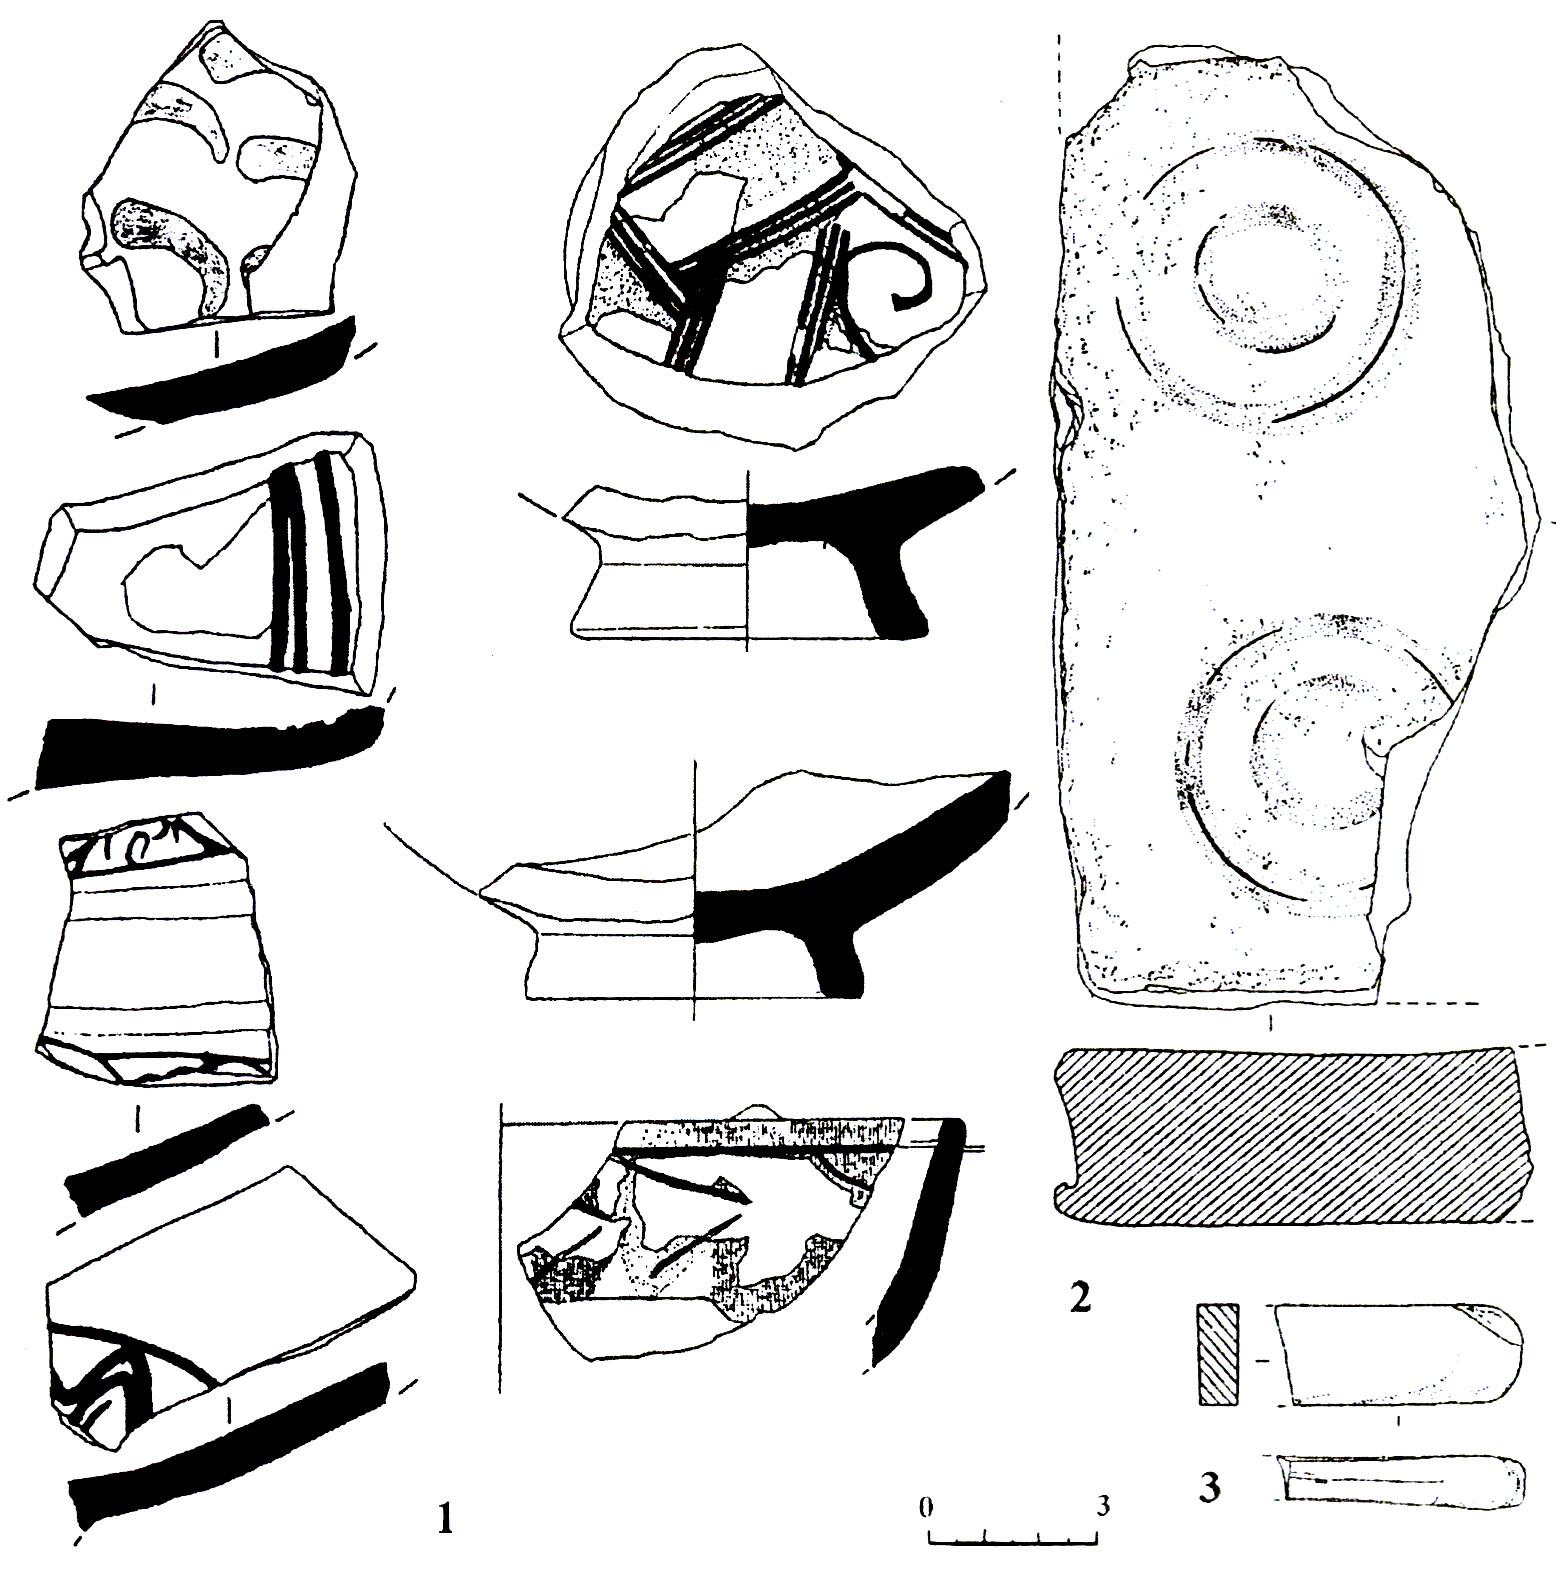 Рис. 7. Фрагменты поливных сосудов XIII-XV вв. (1), поливной плитки (2) и оселка (3), найденные у храма на мысе Аю-Даг (п. 29).